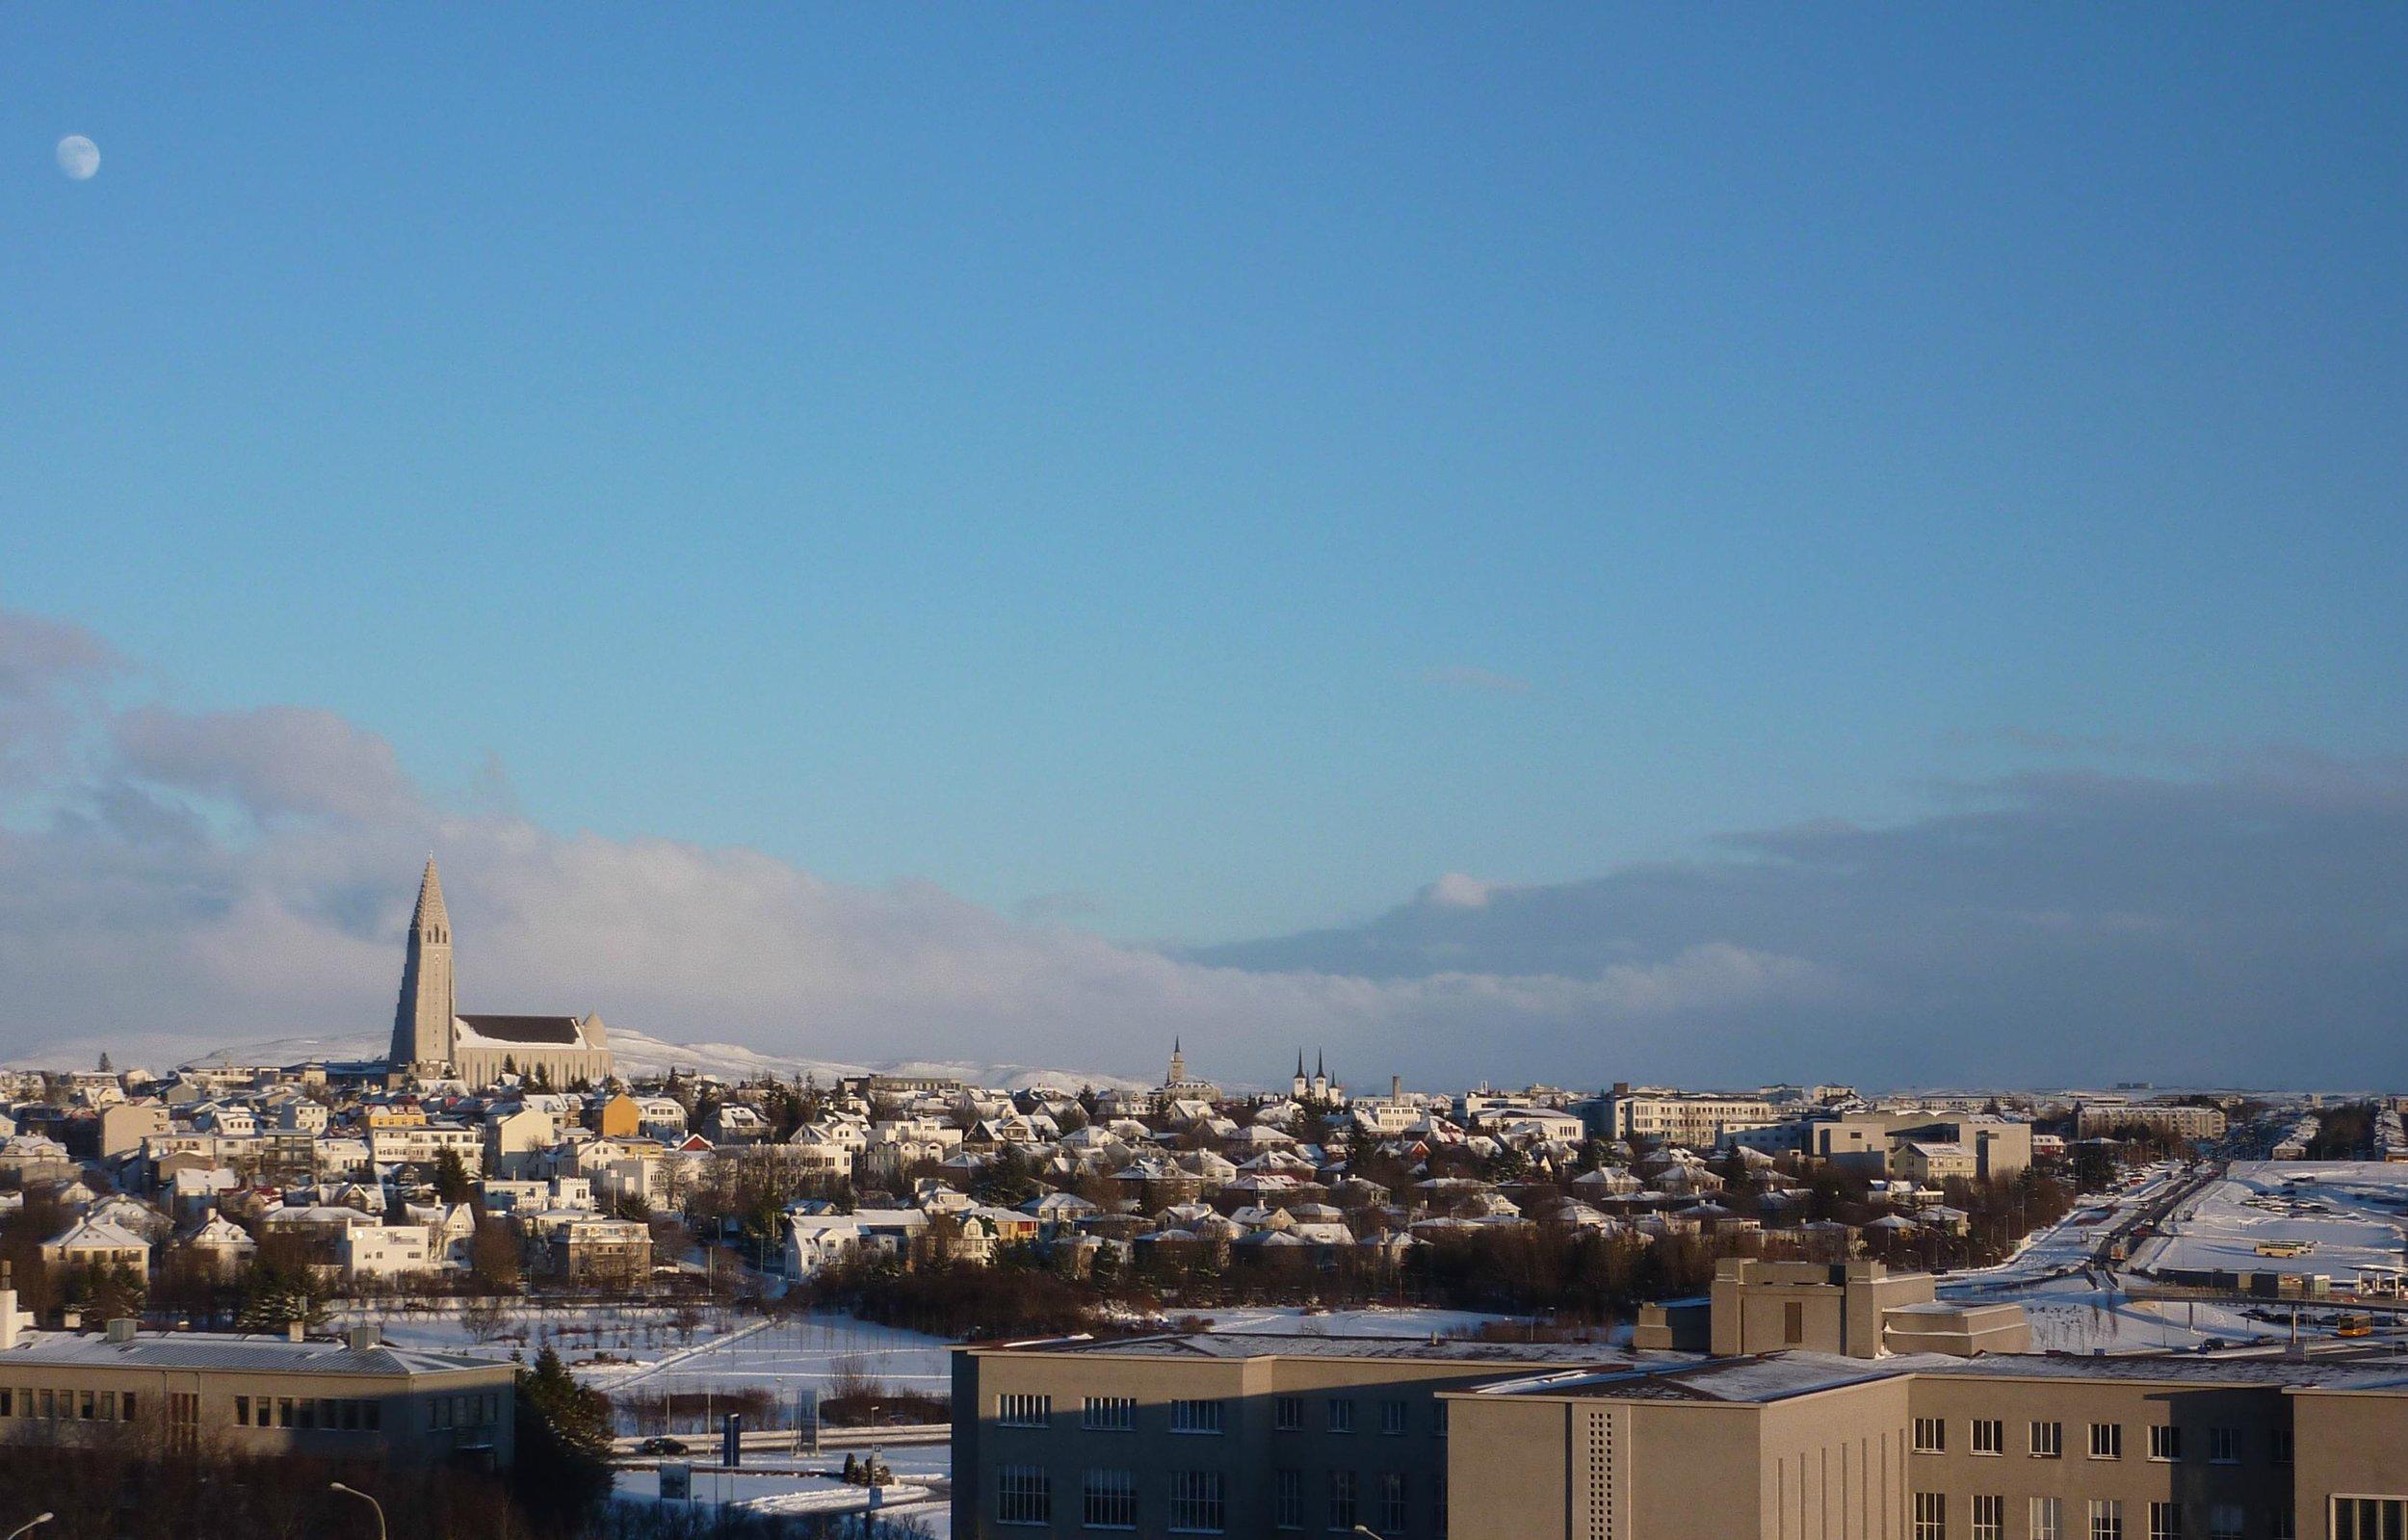 Reykjavik seen from my hotel room window.